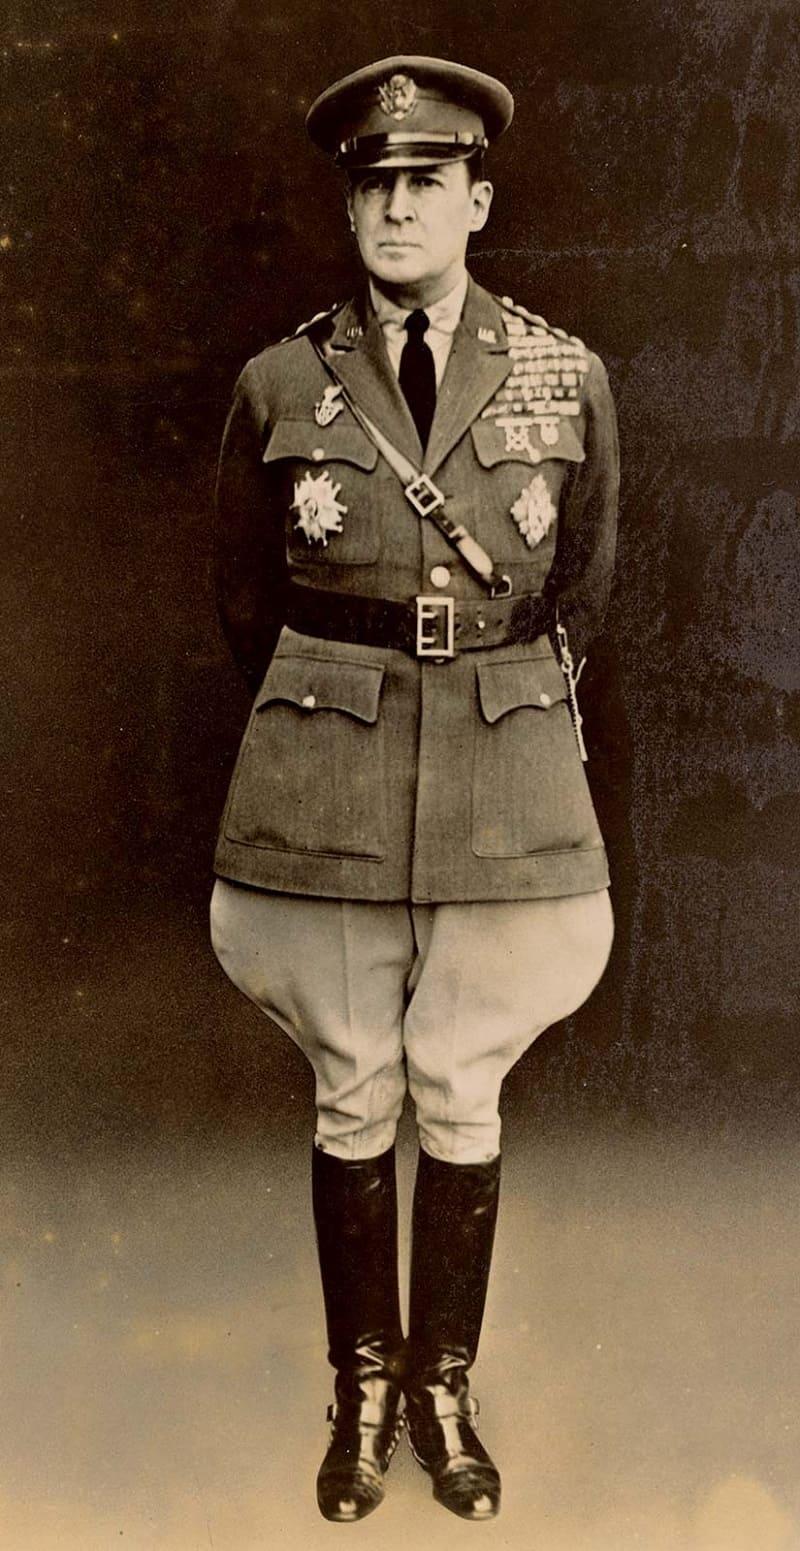 Американский генерал Дуглас Макартур в галифе, 1932 год